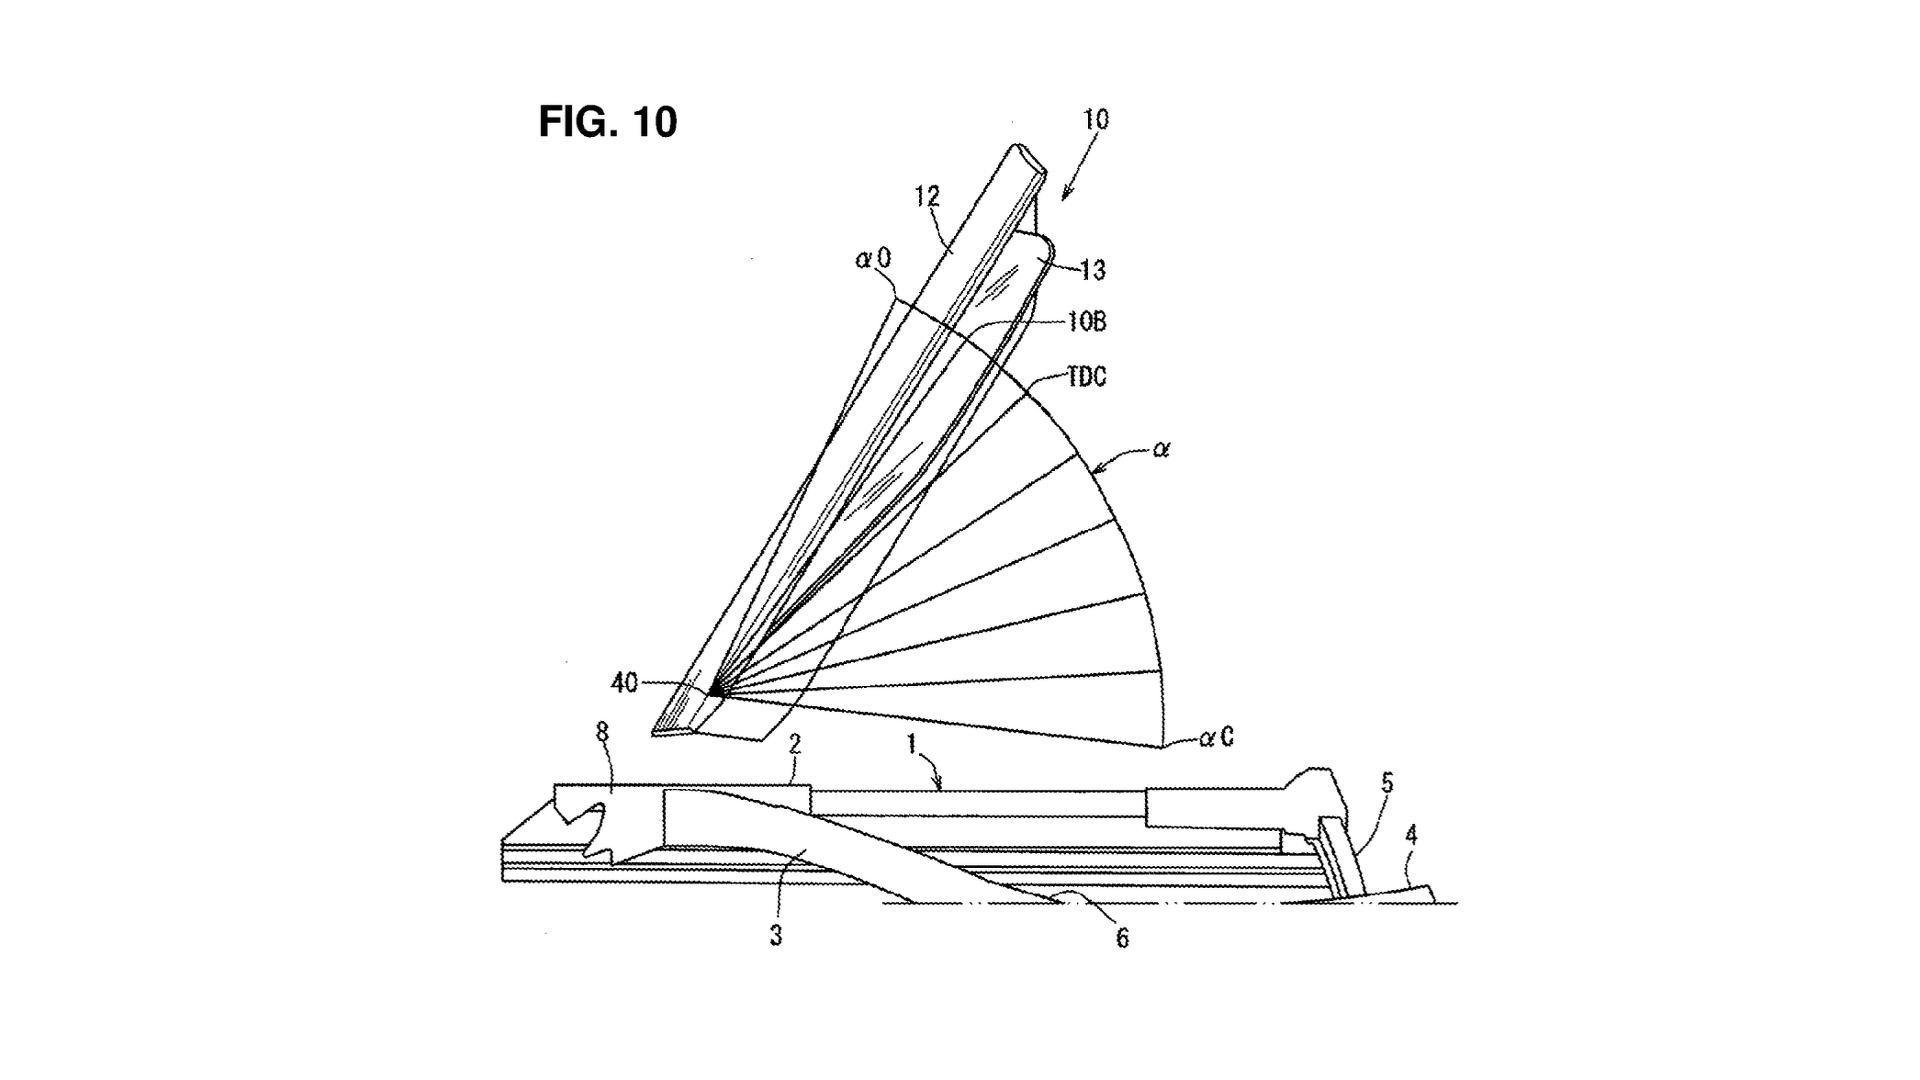 mazda-door-patent (3)